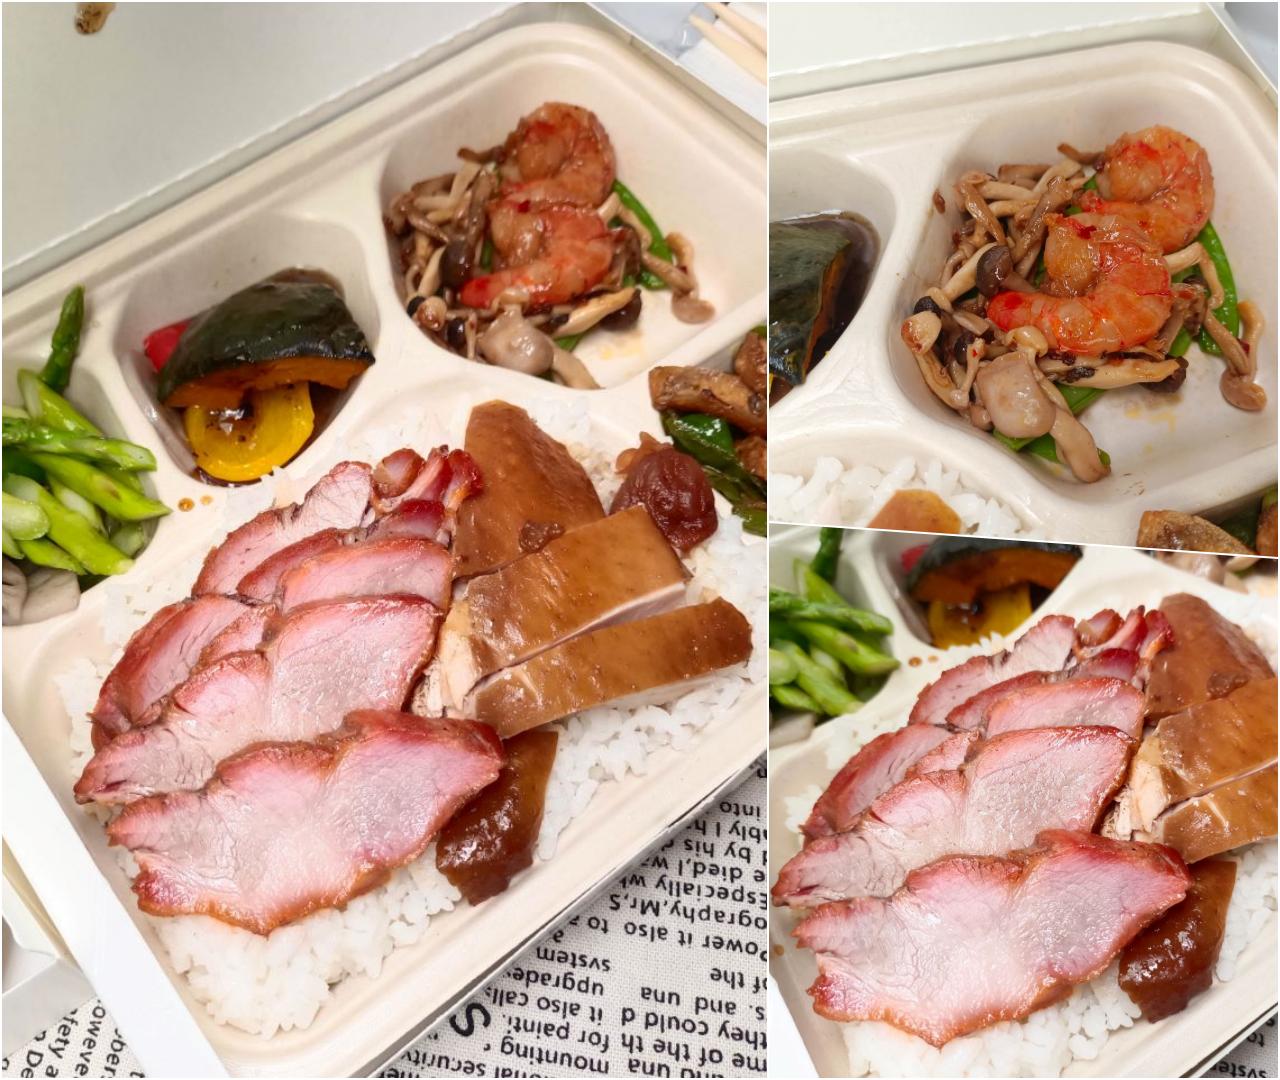 (板橋美食)百來元就可以吃到星級飯店的外帶餐盒,無論主餐或是配菜都感受到滿滿的誠意(外帶餐盒免下車服務)-台北新板希爾頓酒店 Hilton Taipei Sinban Hotel @Nancy將的生活筆計本